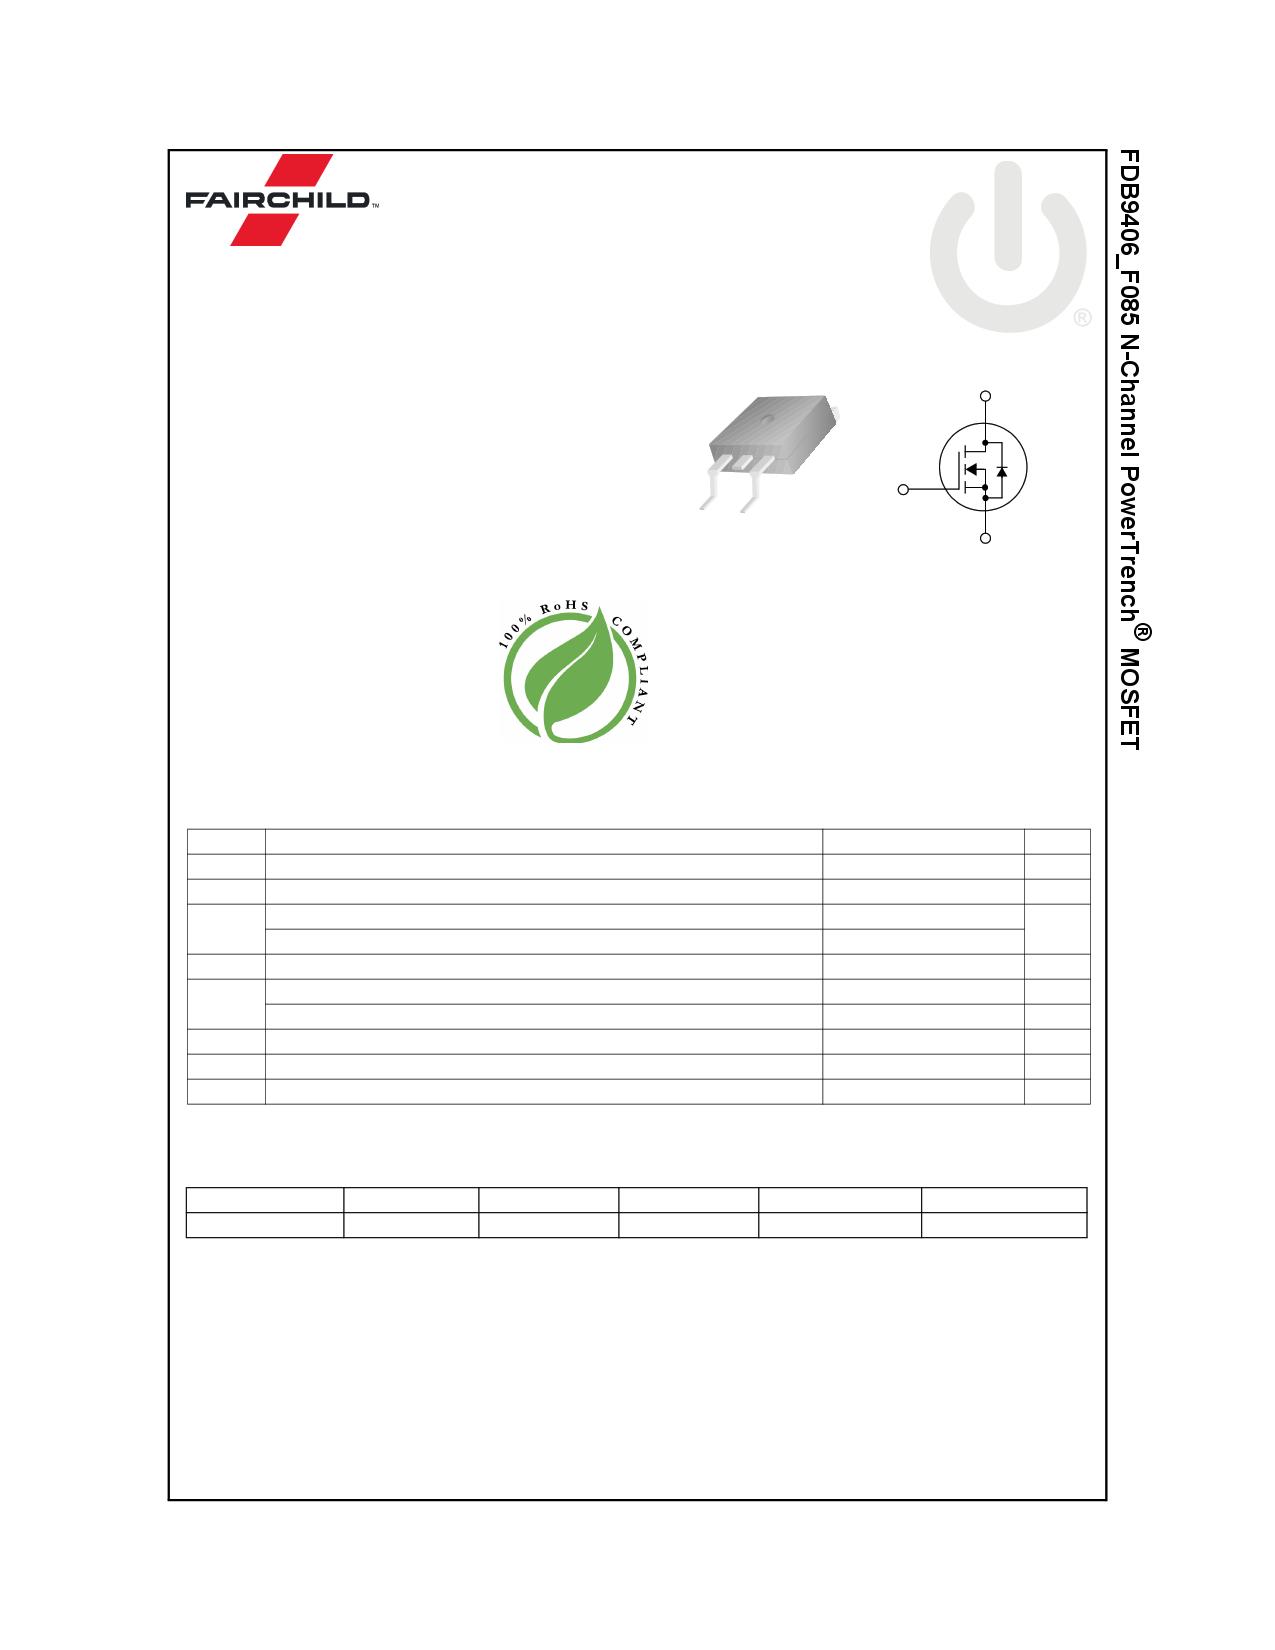 FDB9406_F085 datasheet, circuit